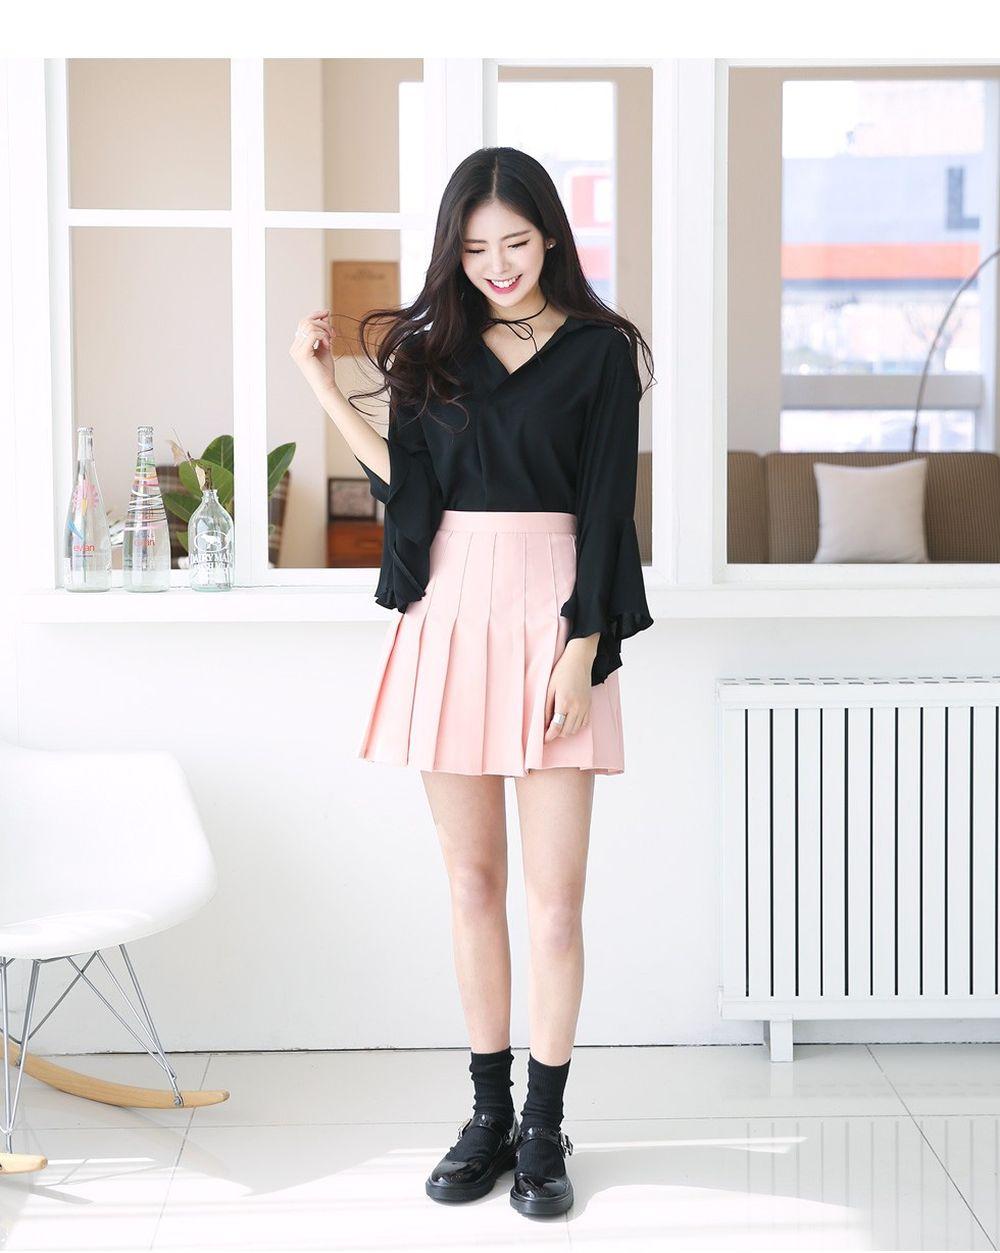 chân váy hồng kết hợp với áo màu gì, váy hồng nên mặc quần tất màu gì, chân váy hồng pastel, váy hồng phối áo màu gì, phối đồ với chân váy hồng, chân váy hồng, màu hồng kết hợp màu gì, màu hồng kết hợp với màu gì thì đẹp, chân váy hồng mặc với áo gì, mix chân váy hồng, chân váy hồng phối với áo màu gì, váy hồng nên mặc áo màu gì, chân váy hồng phối áo gì, chân váy hồng kết hợp áo màu gì, màu hồng phối với màu gì, chân váy màu be kết hợp với áo màu gì, màu hồng nên phối với màu gì, váy hồng nên đi giày màu gì, đầm hồng mang giày màu gì, đầm hồng phối giày màu gì, váy hồng kết hợp với áo khoác màu gì, màu hồng phối với màu nào, chân váy xếp ly hồng mặc với áo gì, váy màu be mặc với áo gì, chân váy hồng phấn kết hợp với áo màu gì, phối chân váy hồng,